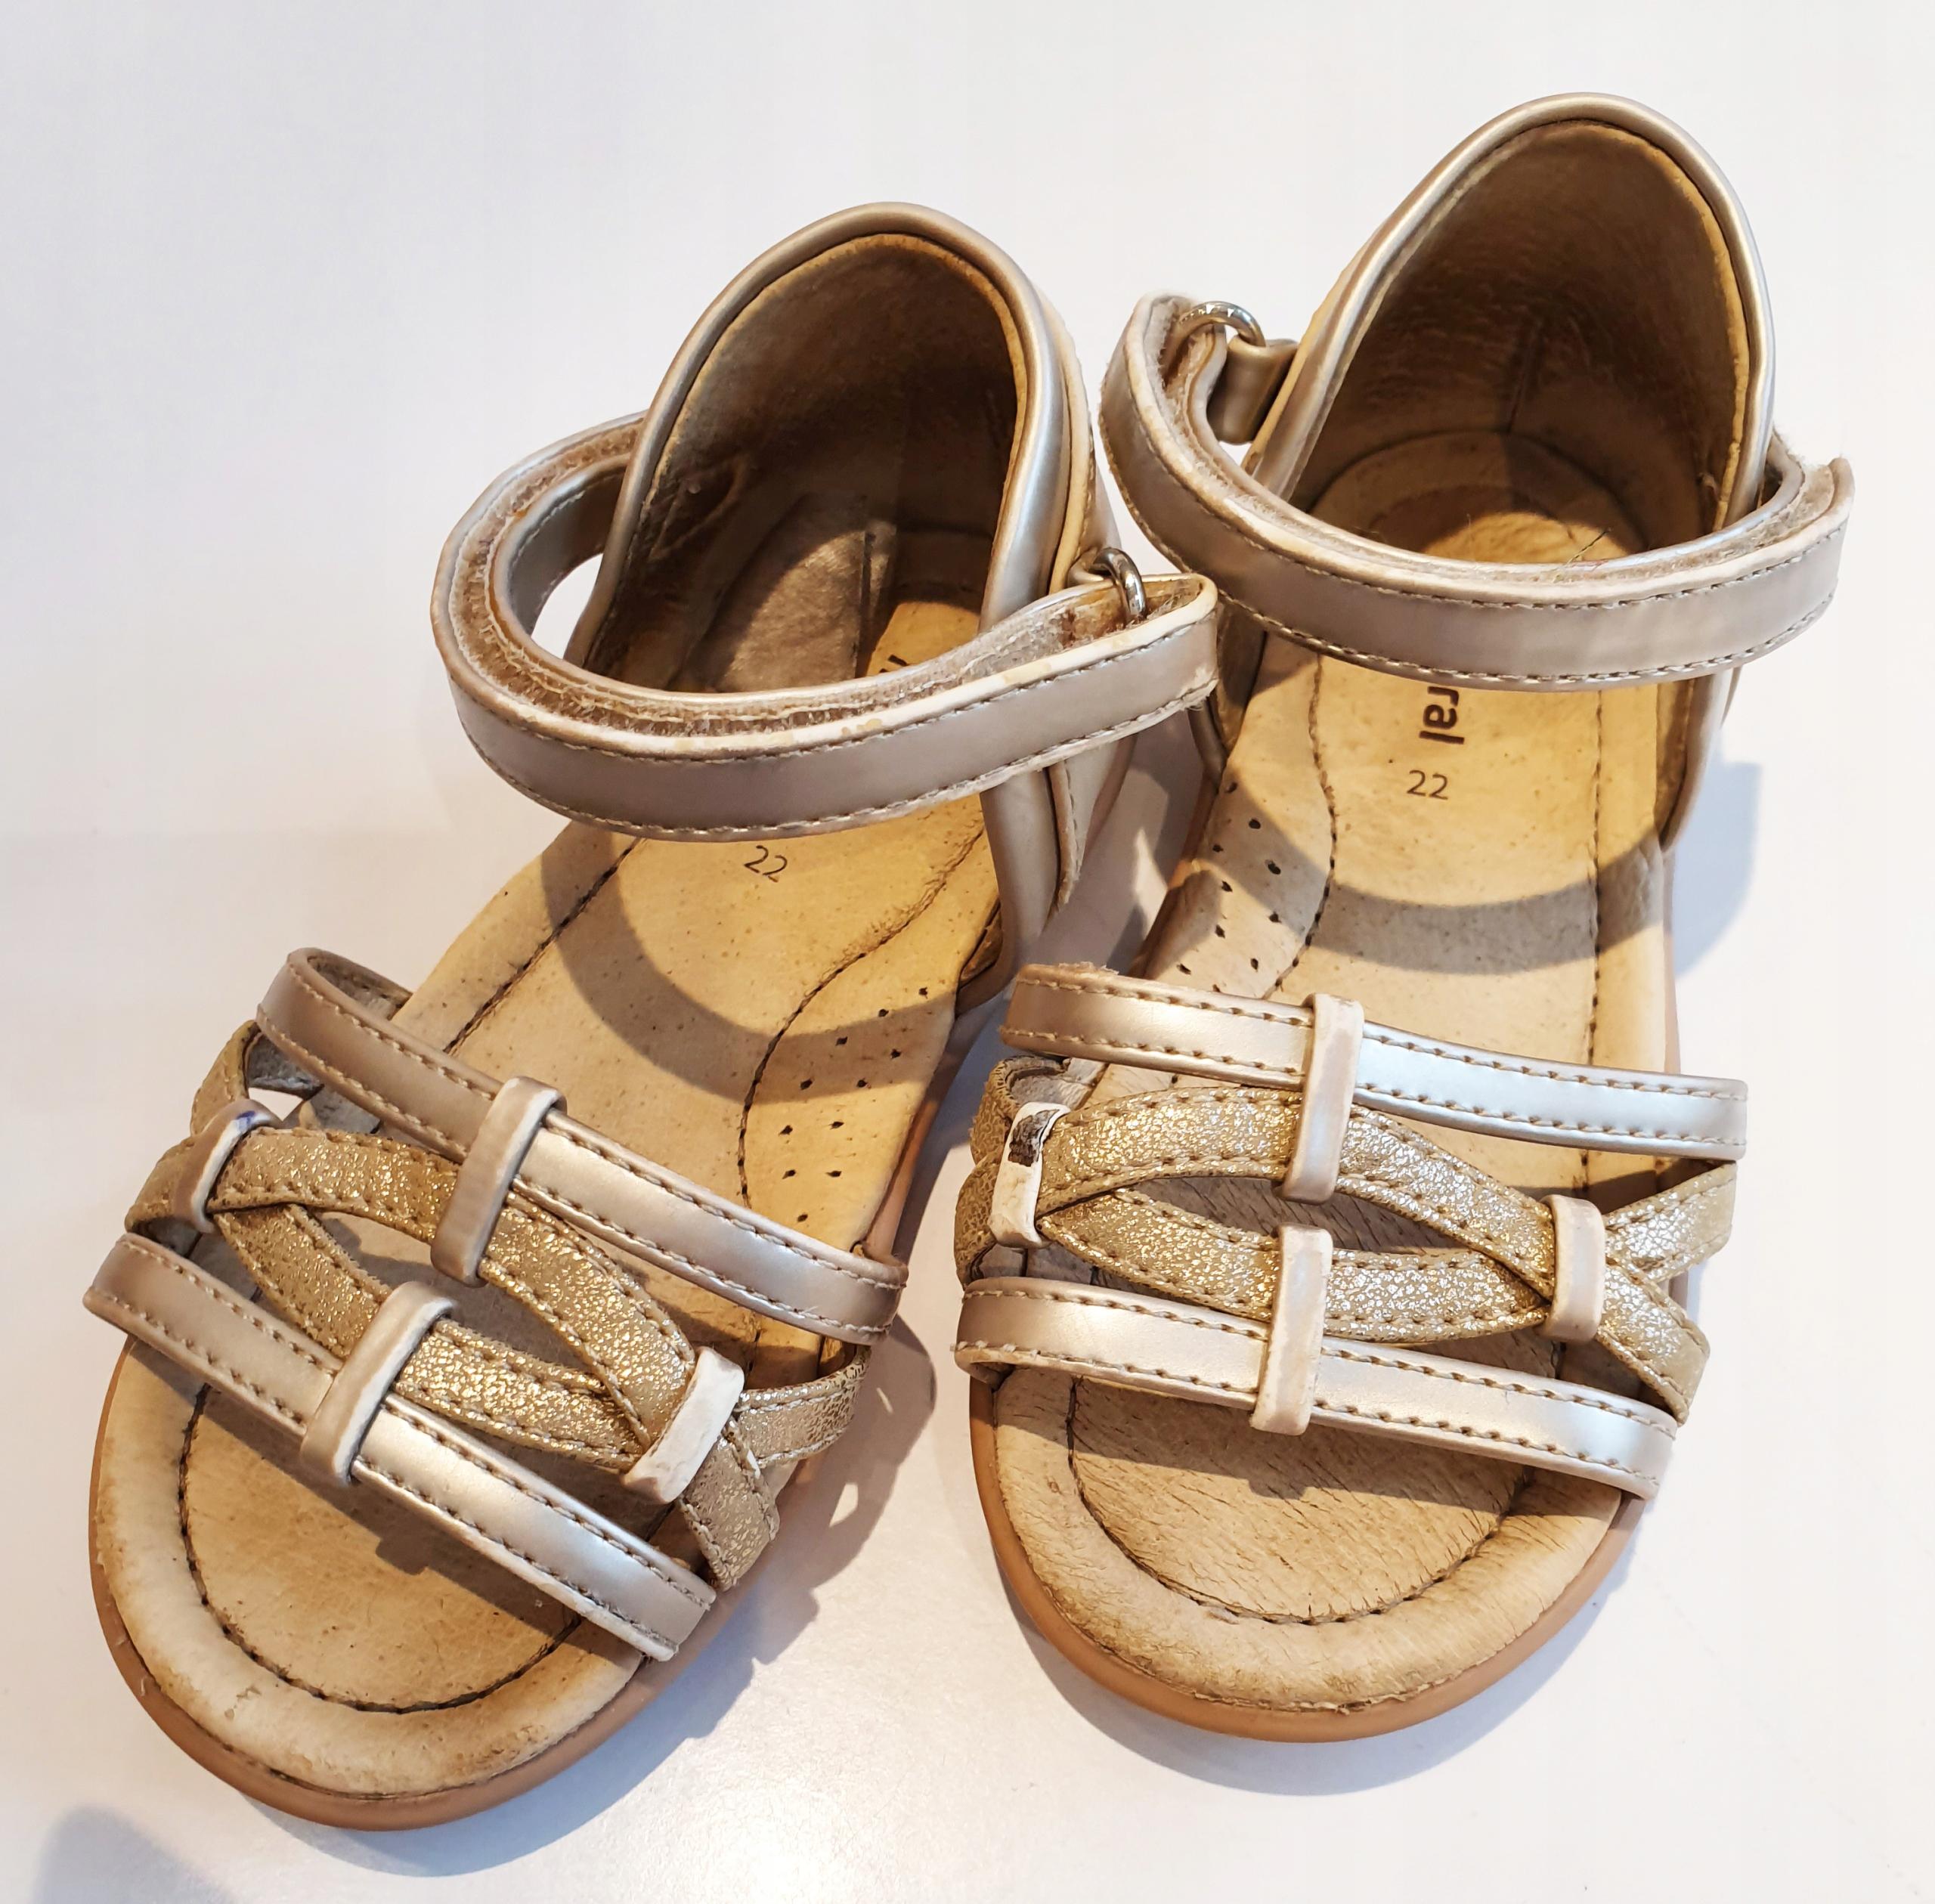 Buty Mayoral sandałki złote 22